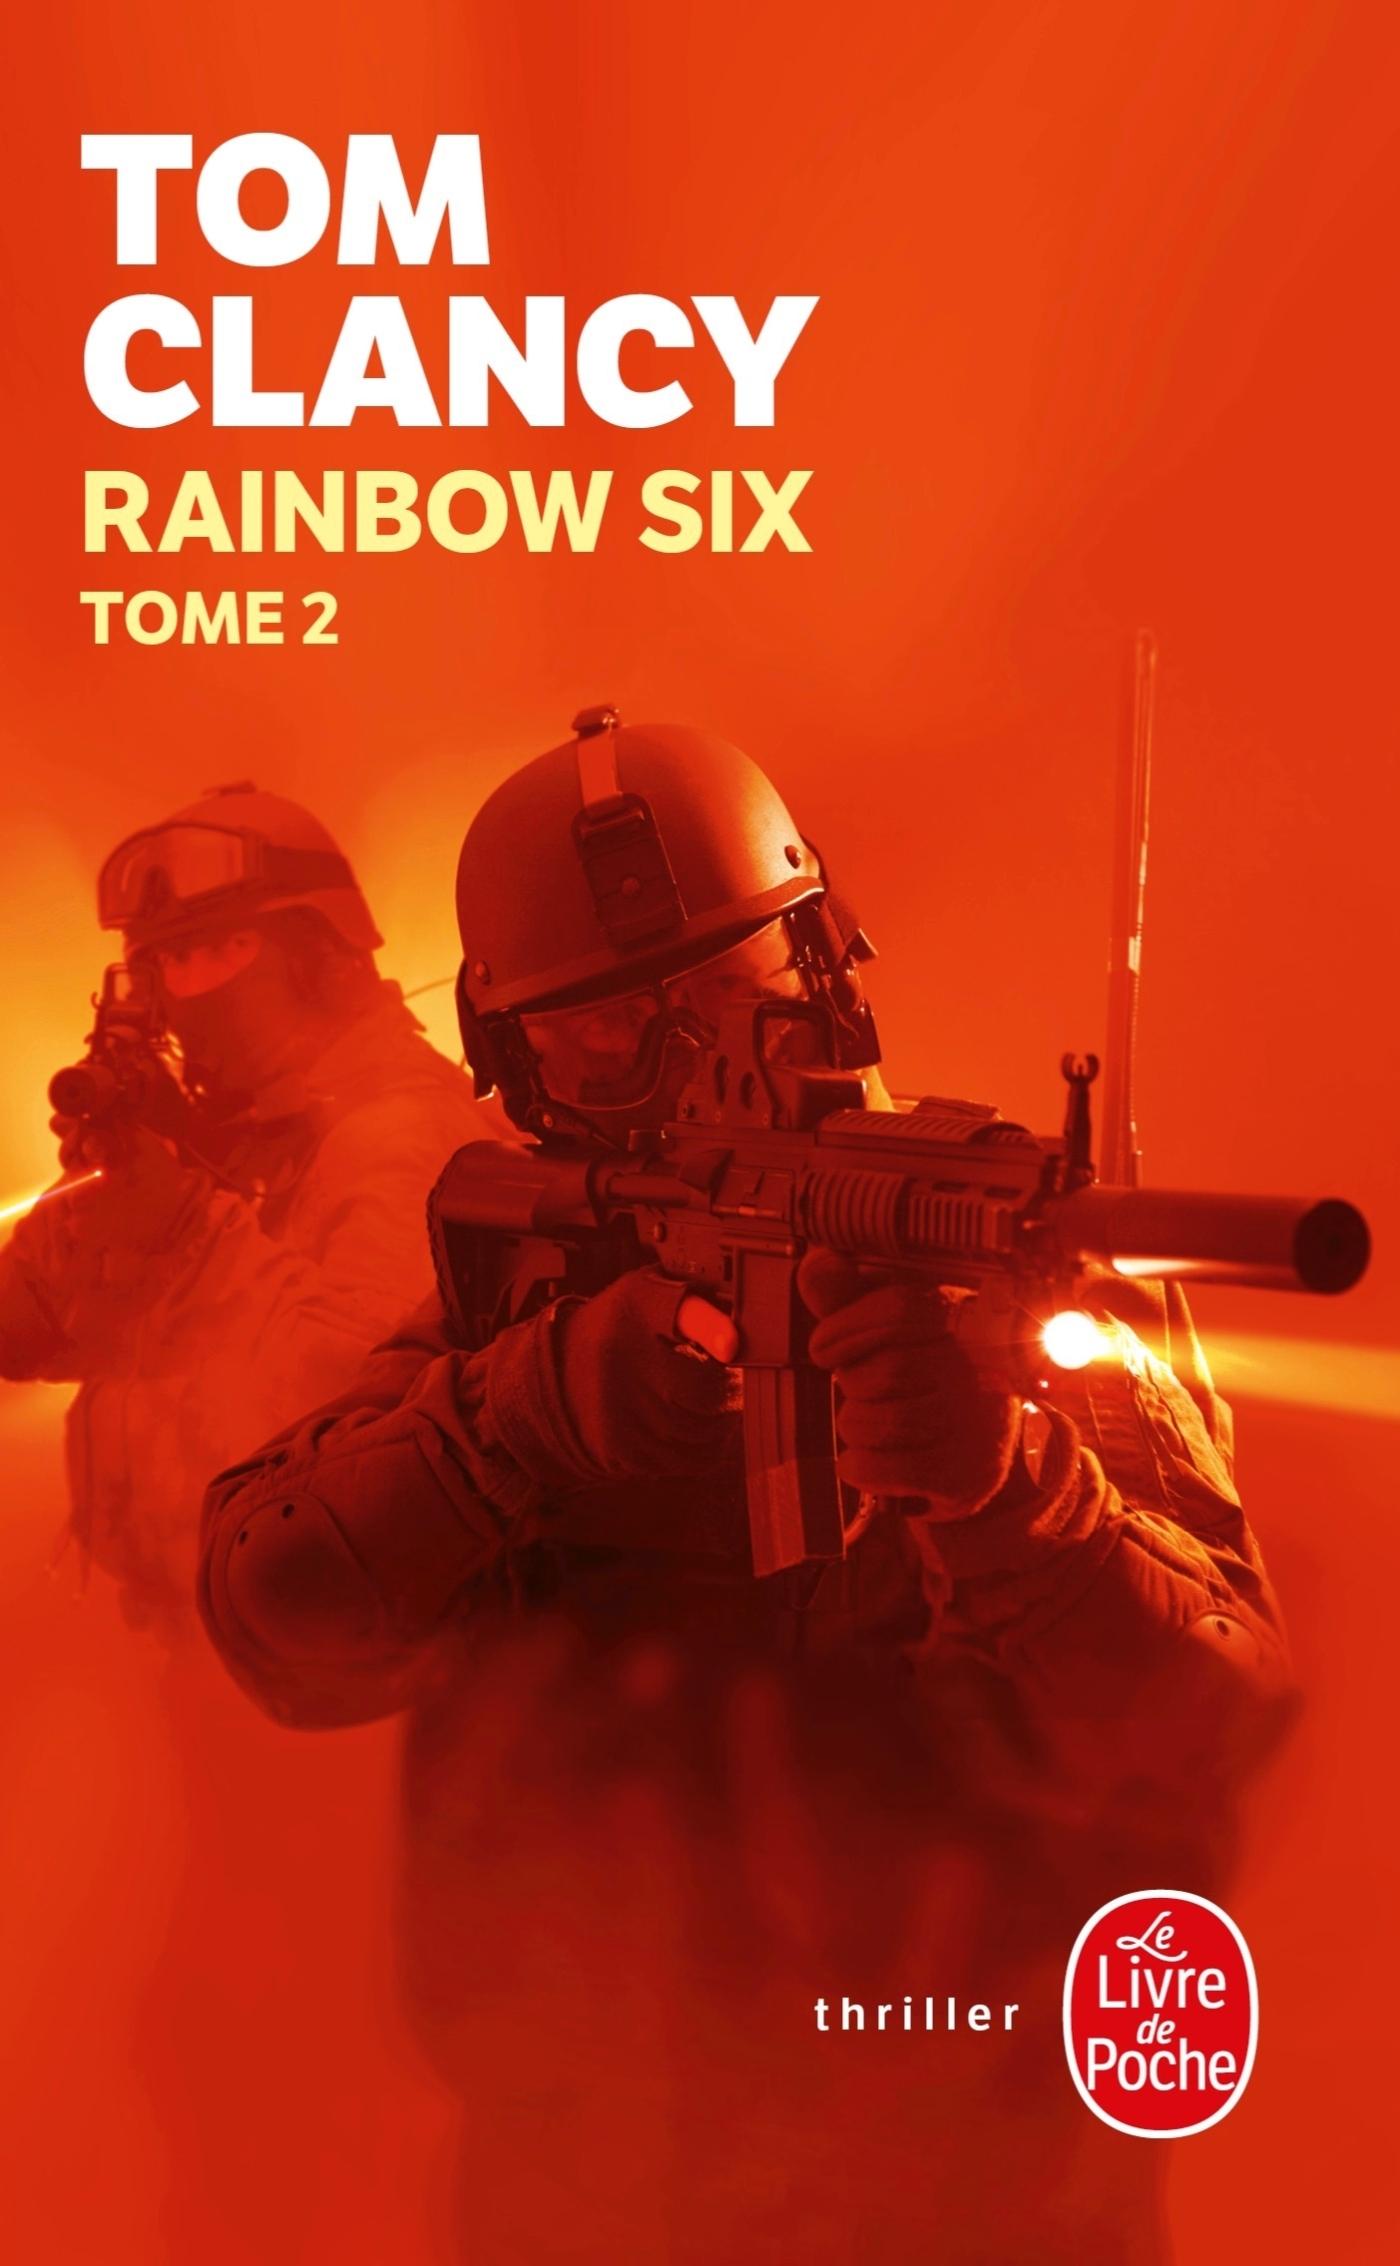 RAINBOW SIX (TOME 2)